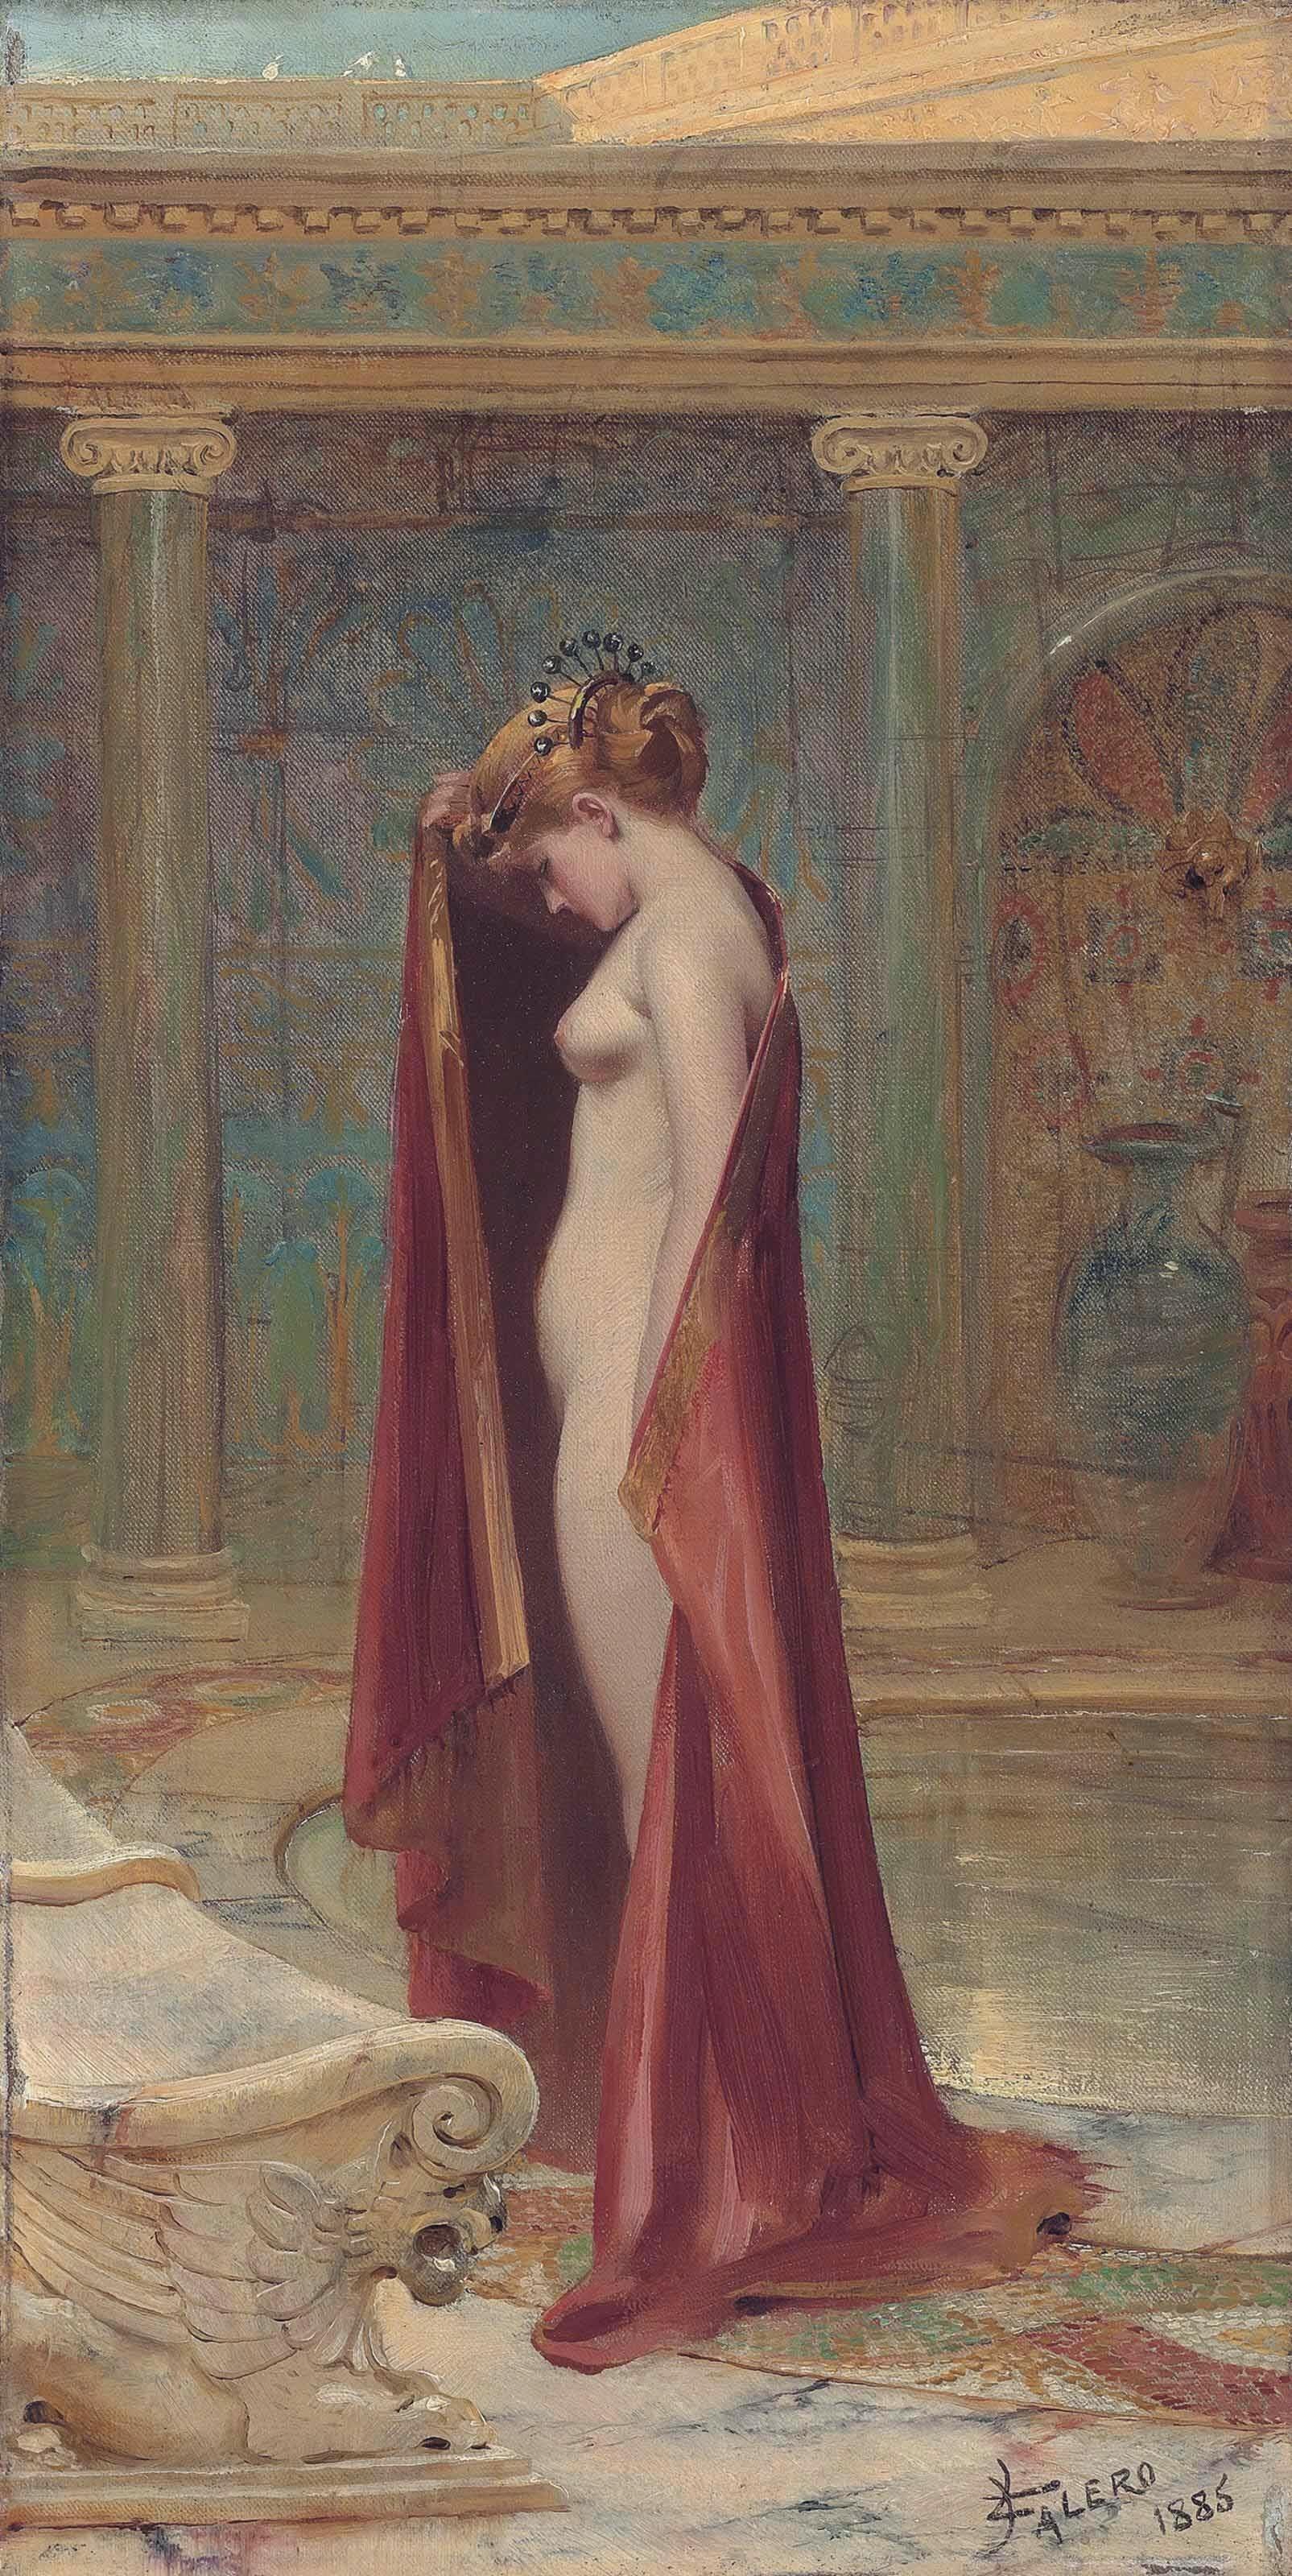 A Beauty (1885) - Luis Ricardo Faléro